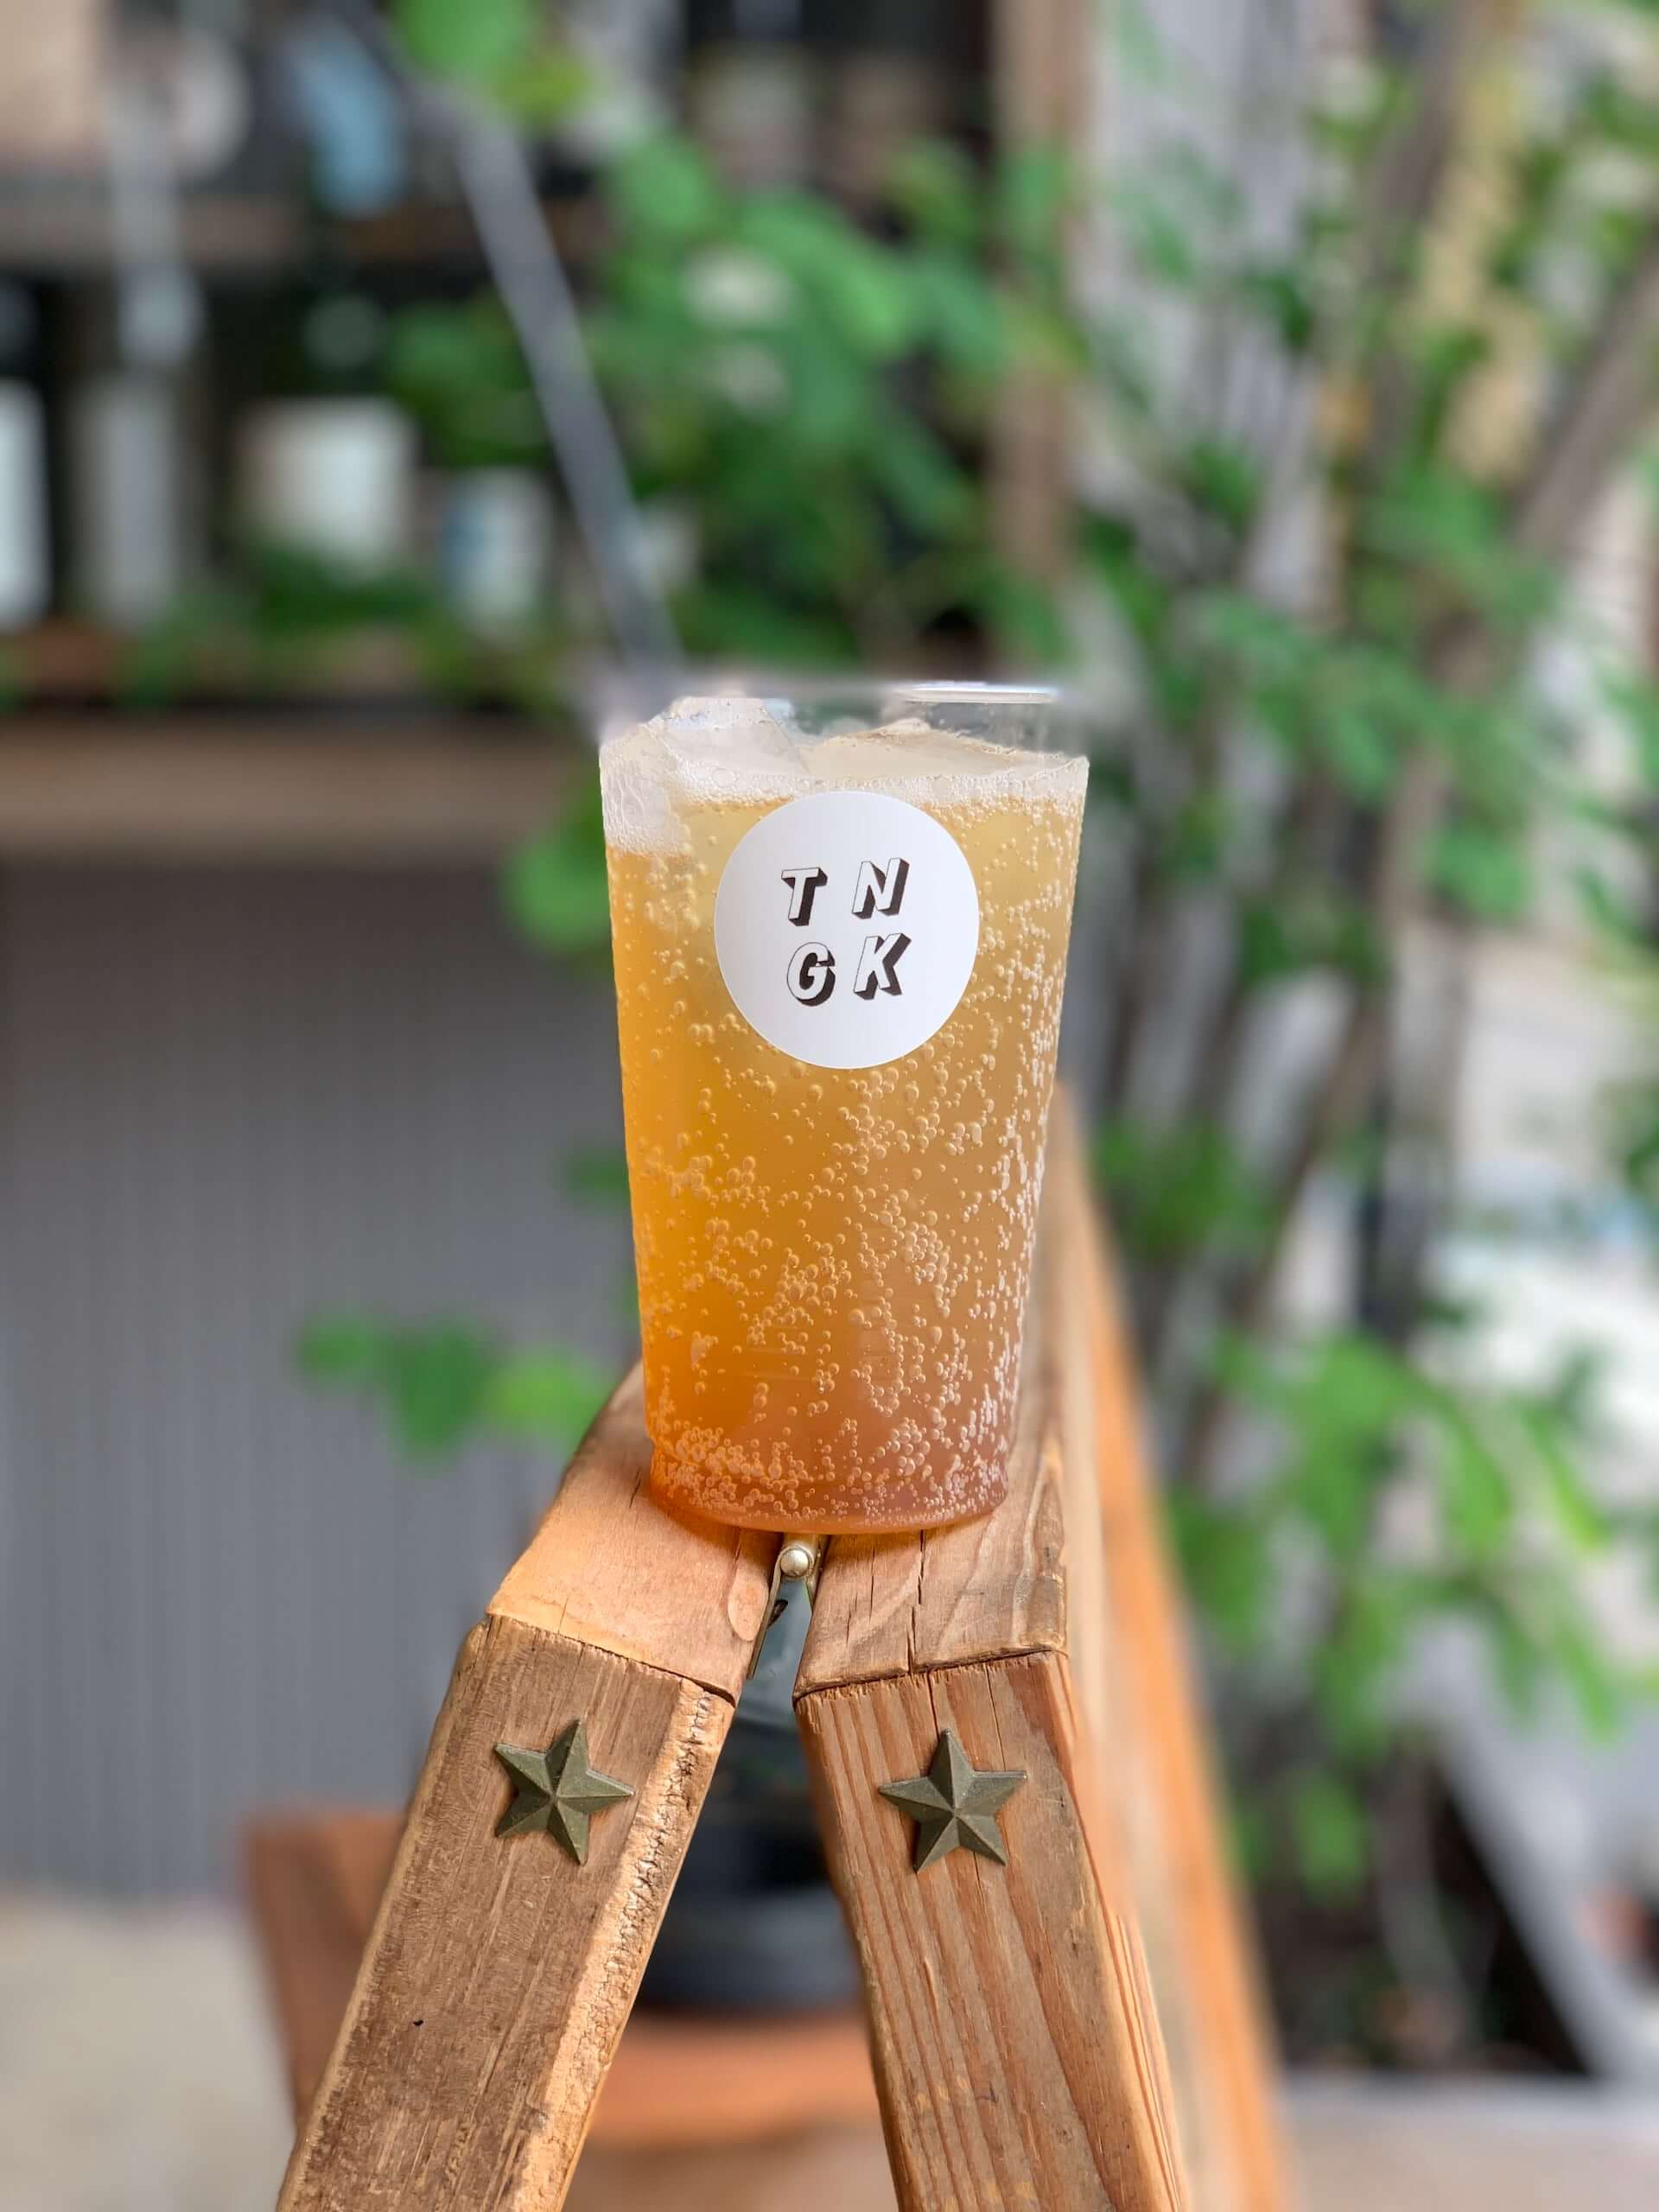 山椒ビールやCHALKBOYのデザインTシャツなどがずらり!兵庫の酒場「Tanigaki」初のポップアップショップが渋谷PARCO・COMINGSOONに登場 art200817_tanigaki_3-1920x2560